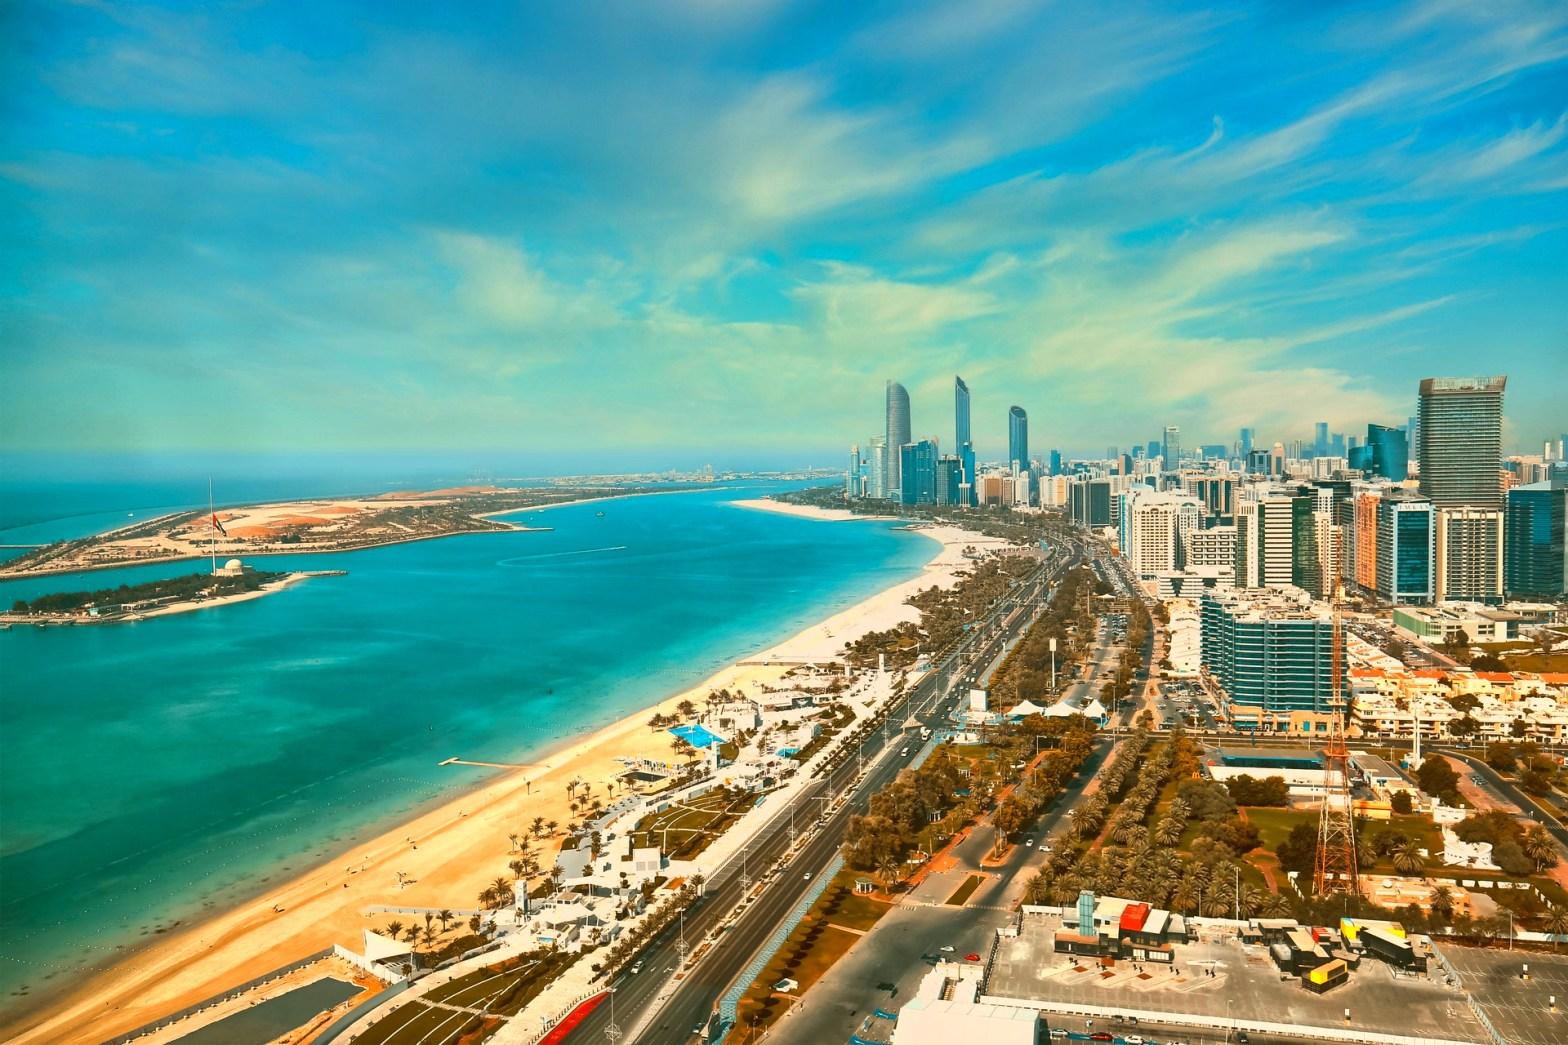 Reasons to visit Abu Dhabi